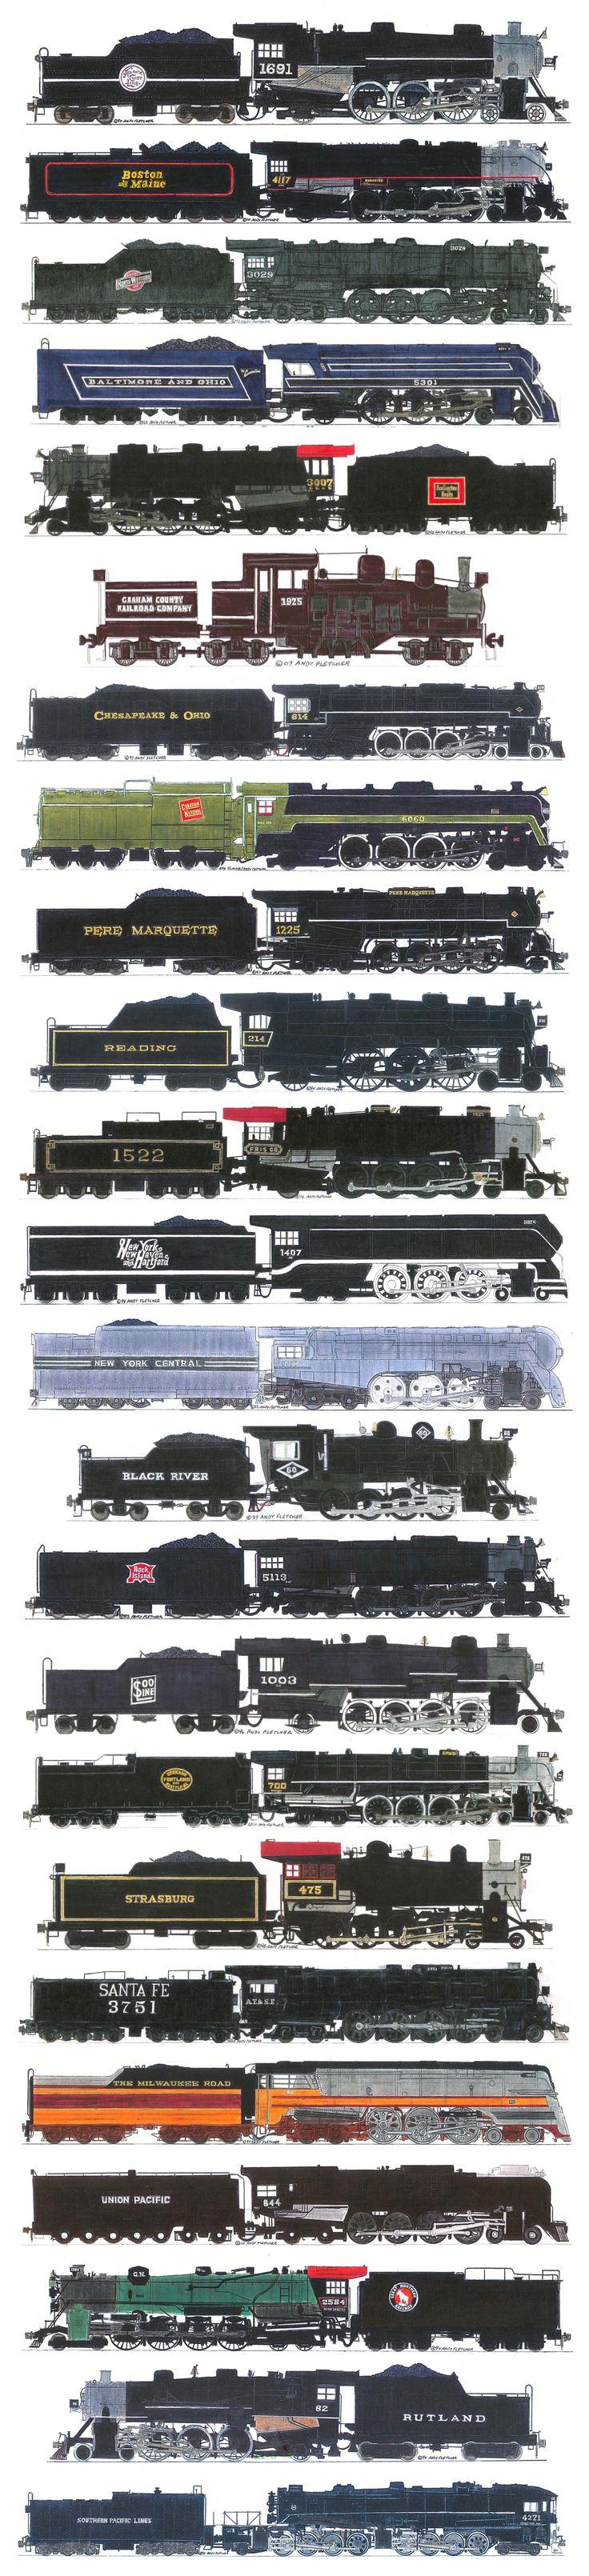 Steam Engine Drawings